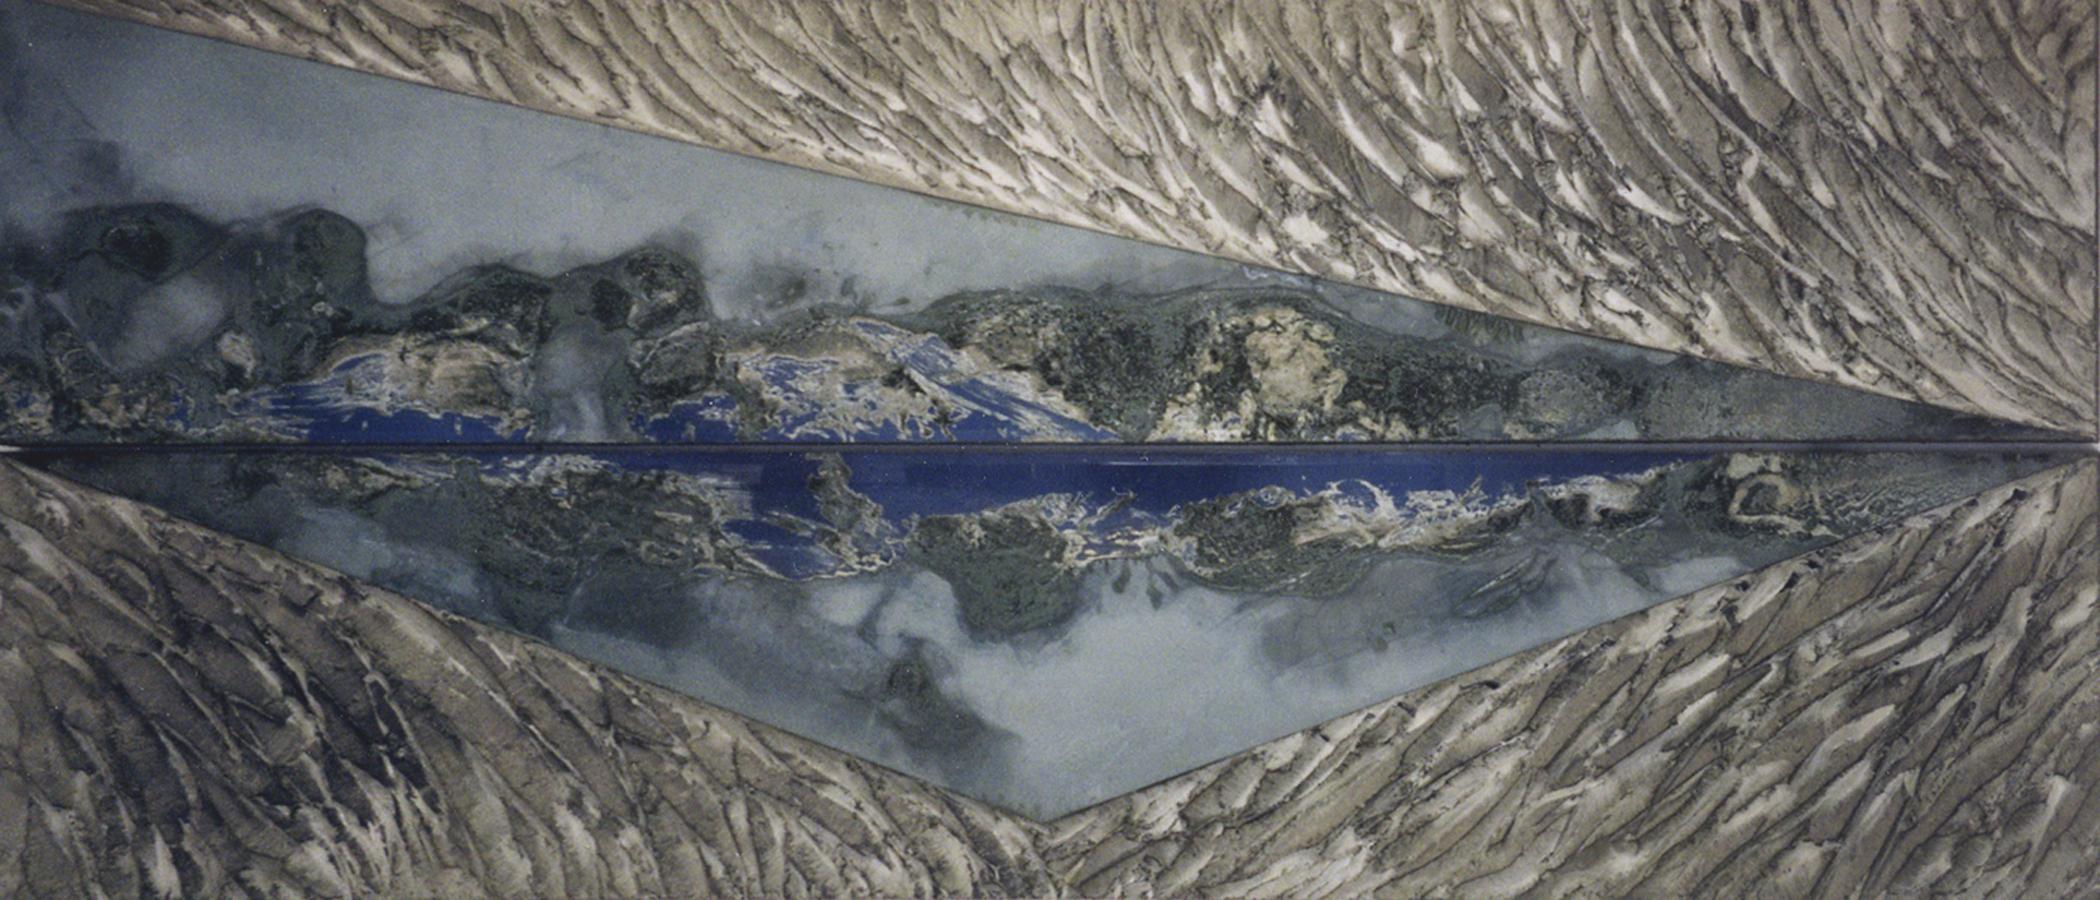 Sierra Lake Reflection